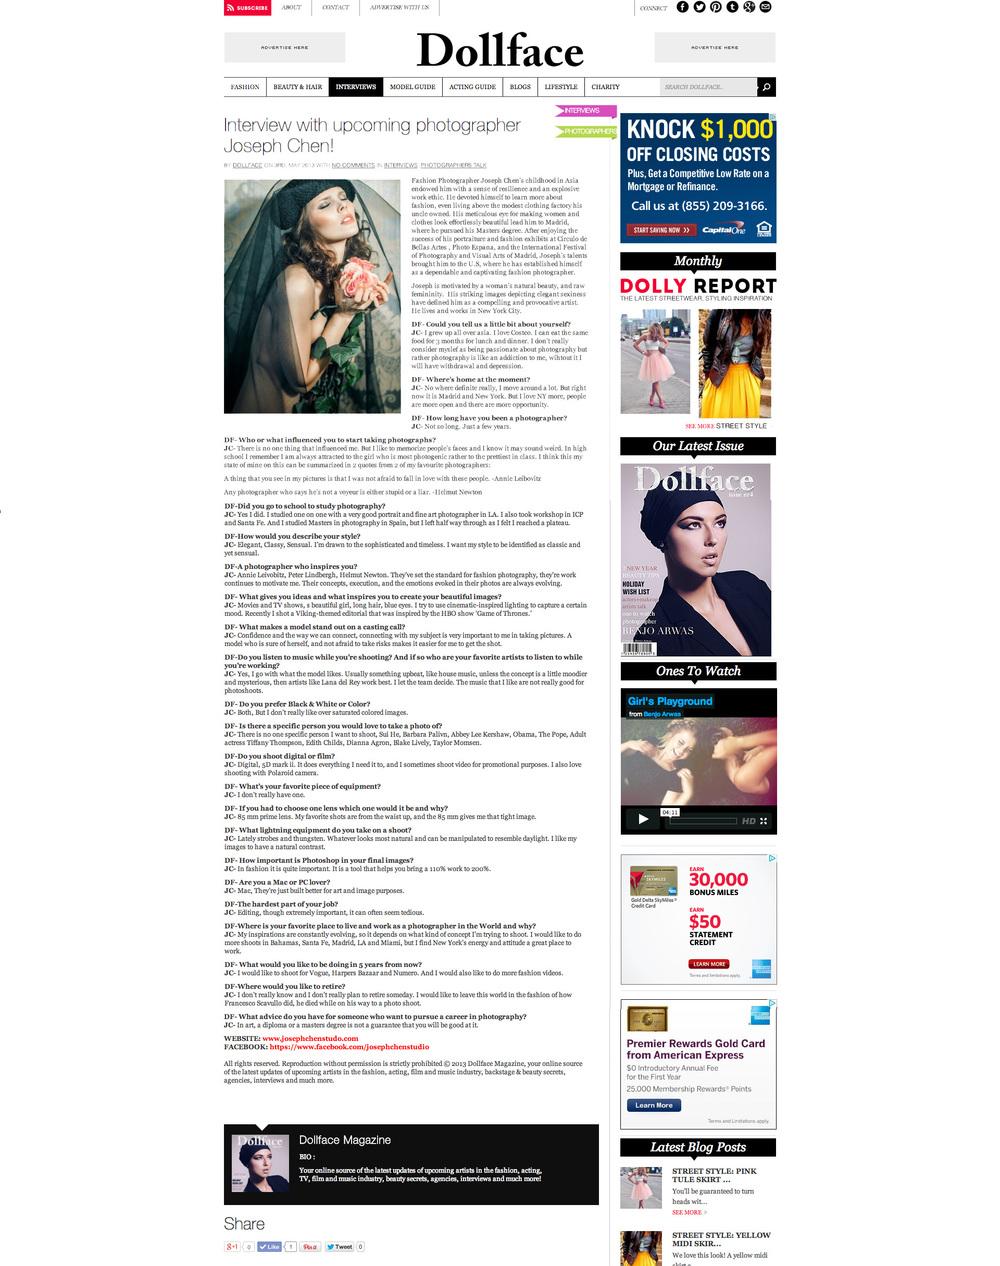 Dollface Magazine Interview